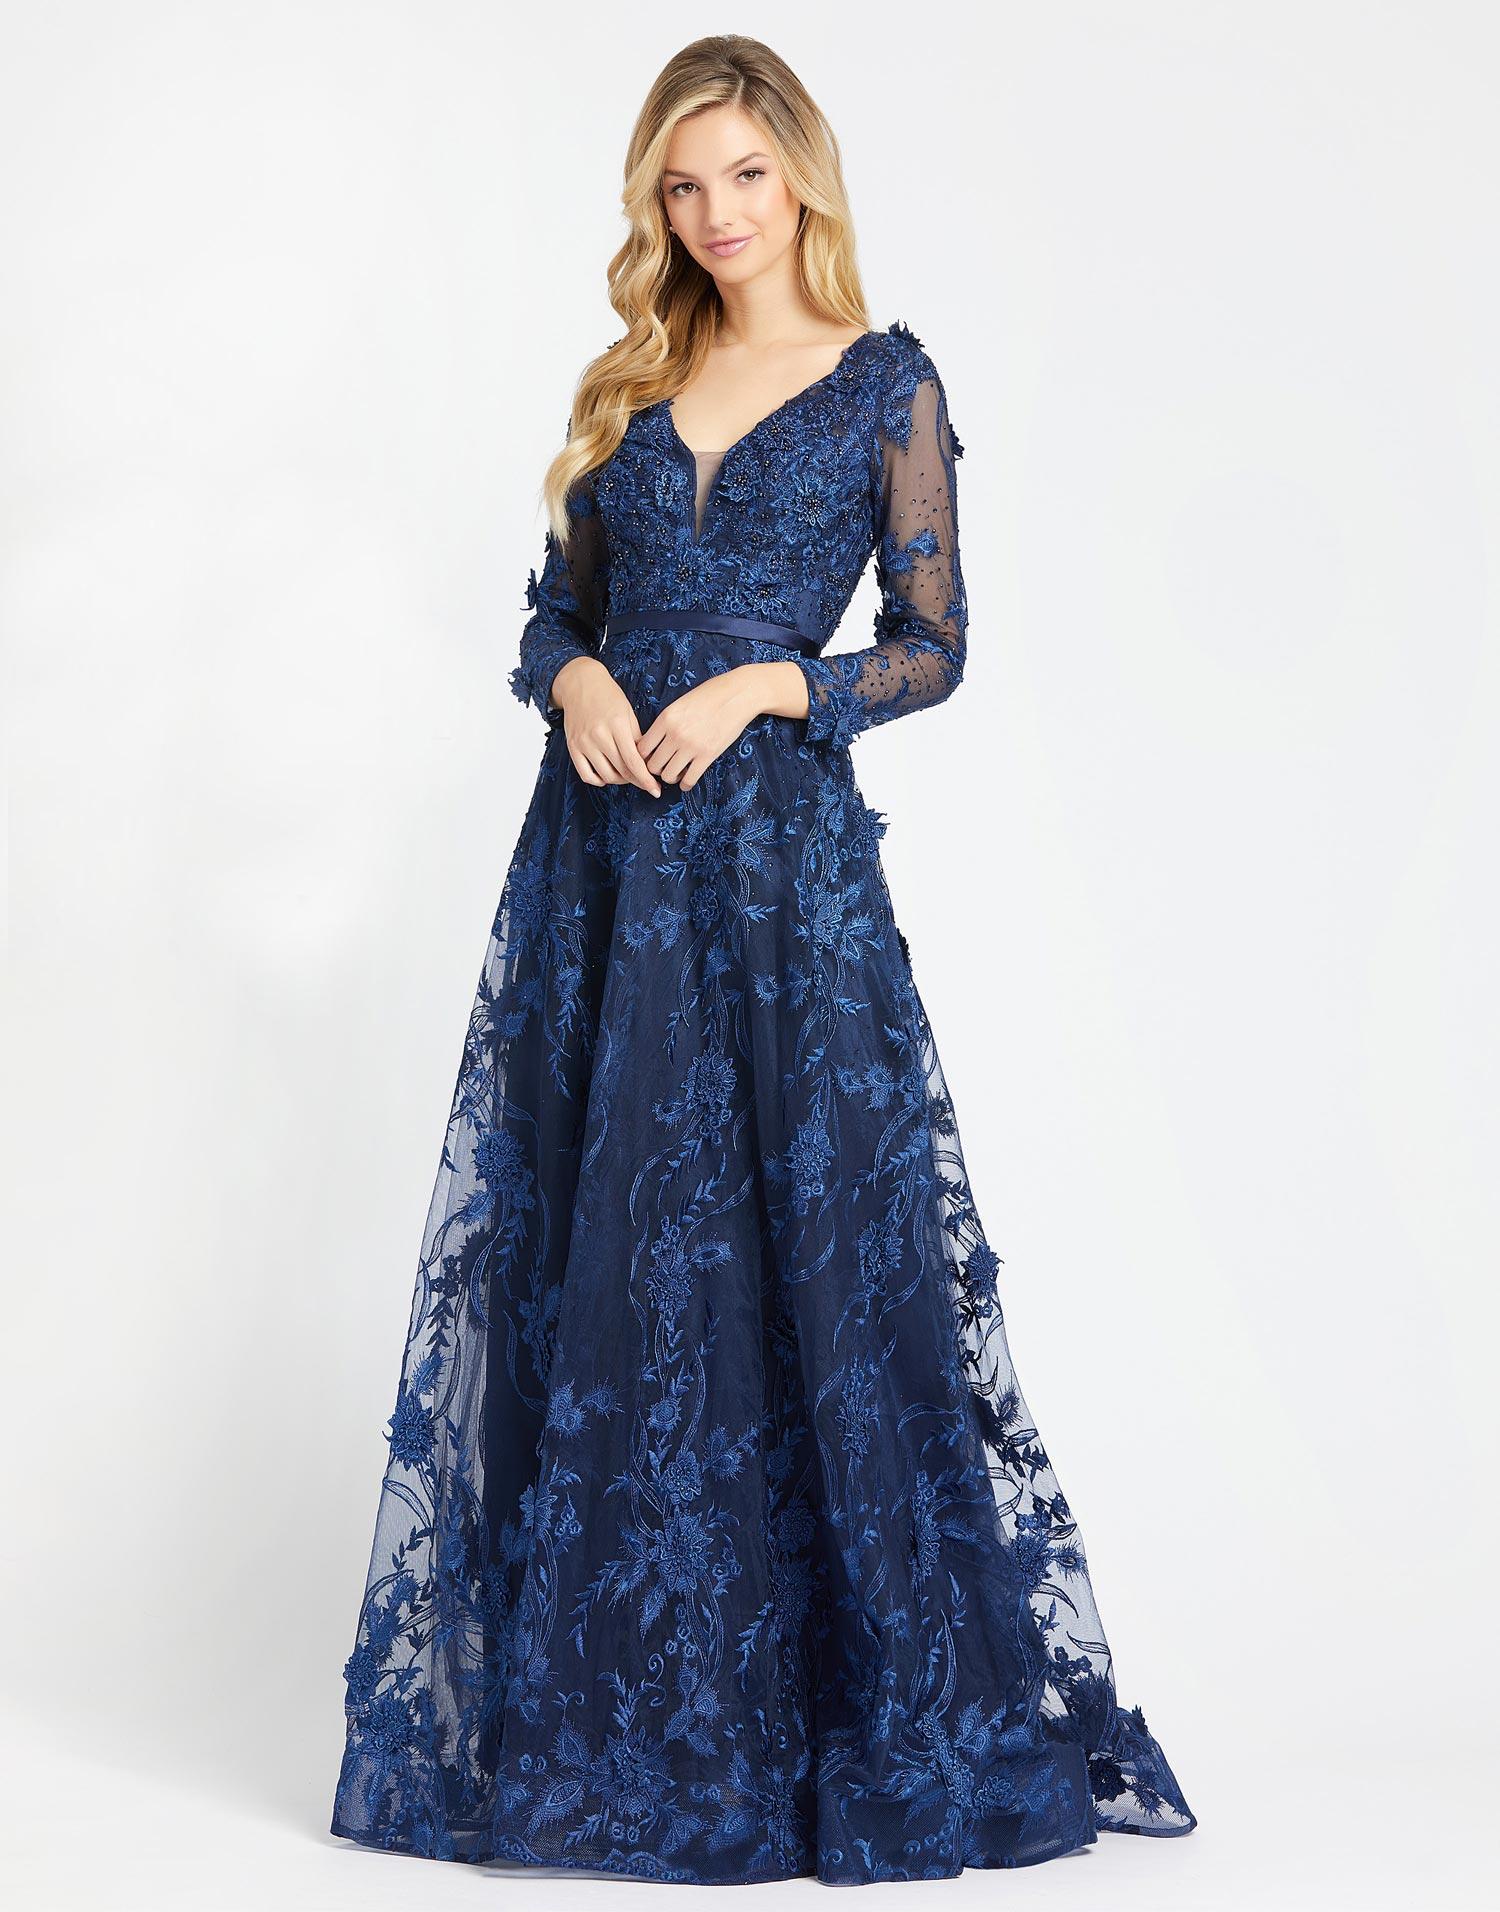 Mac Duggal 2118 Длинное платье в пол в синем цвете. с длинным рукавом, усыпанное множеством сверкающих страз.